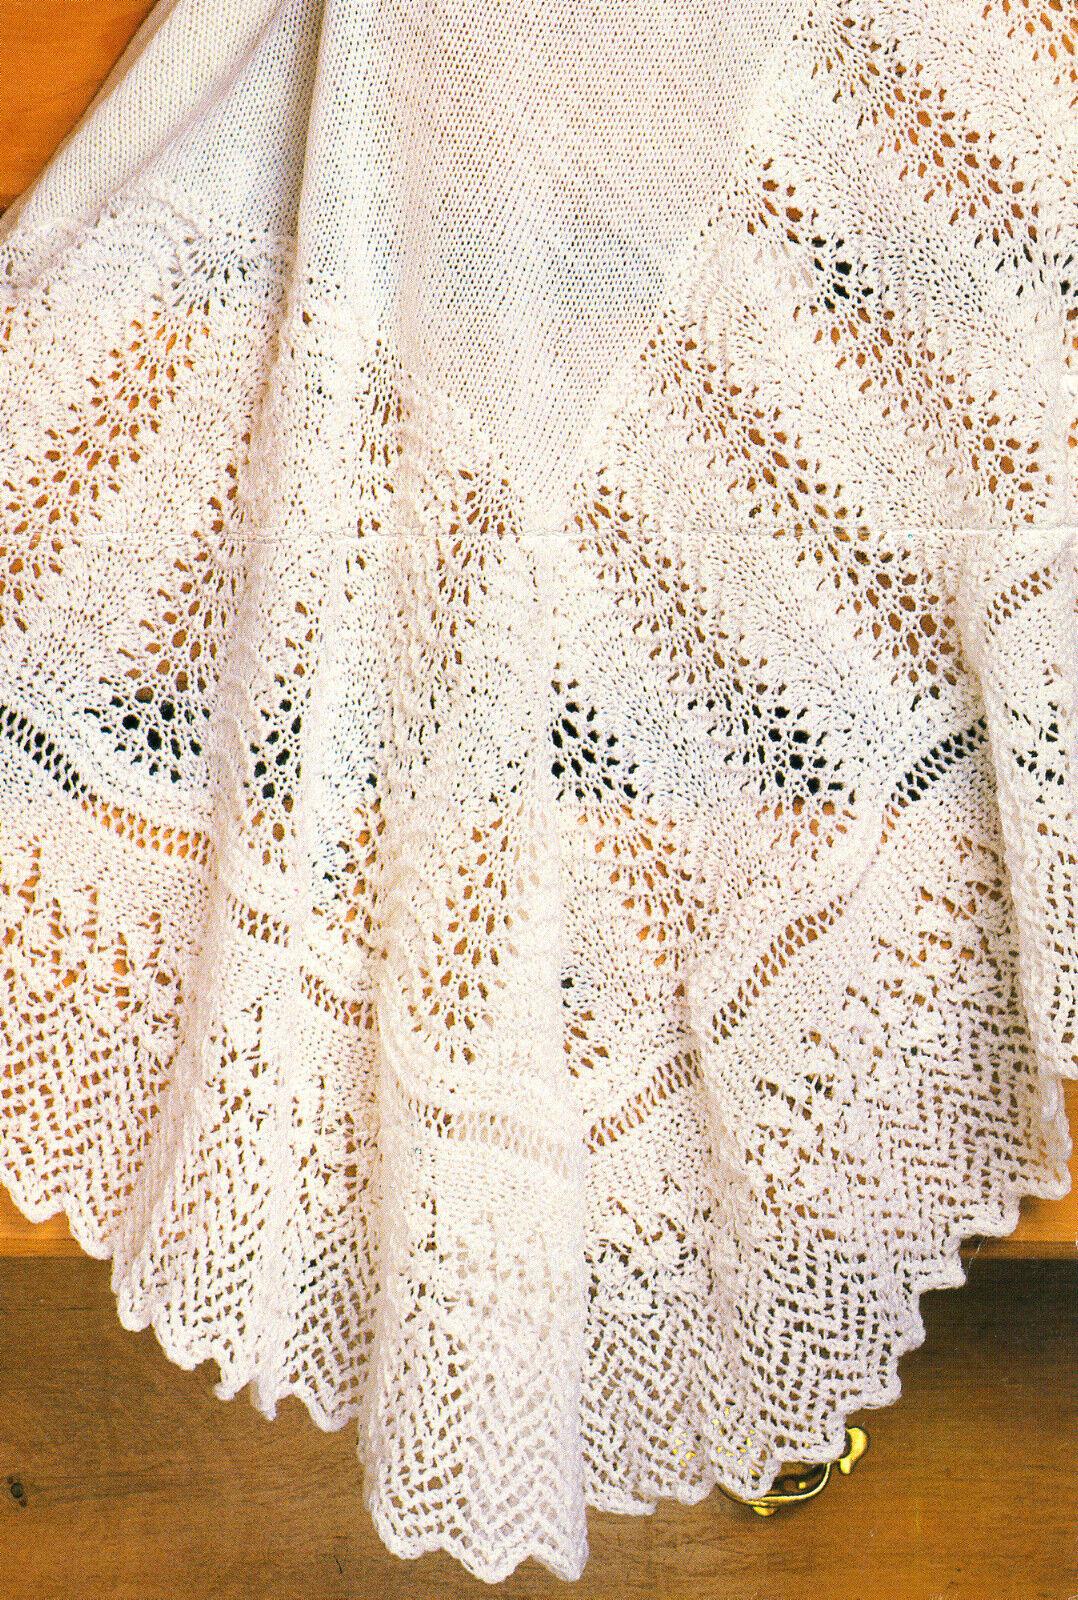 Lace Zig Zag Scarf Knitting Pattern : Lace fan zig zag border baby shawl quot knitting pattern ply ebay